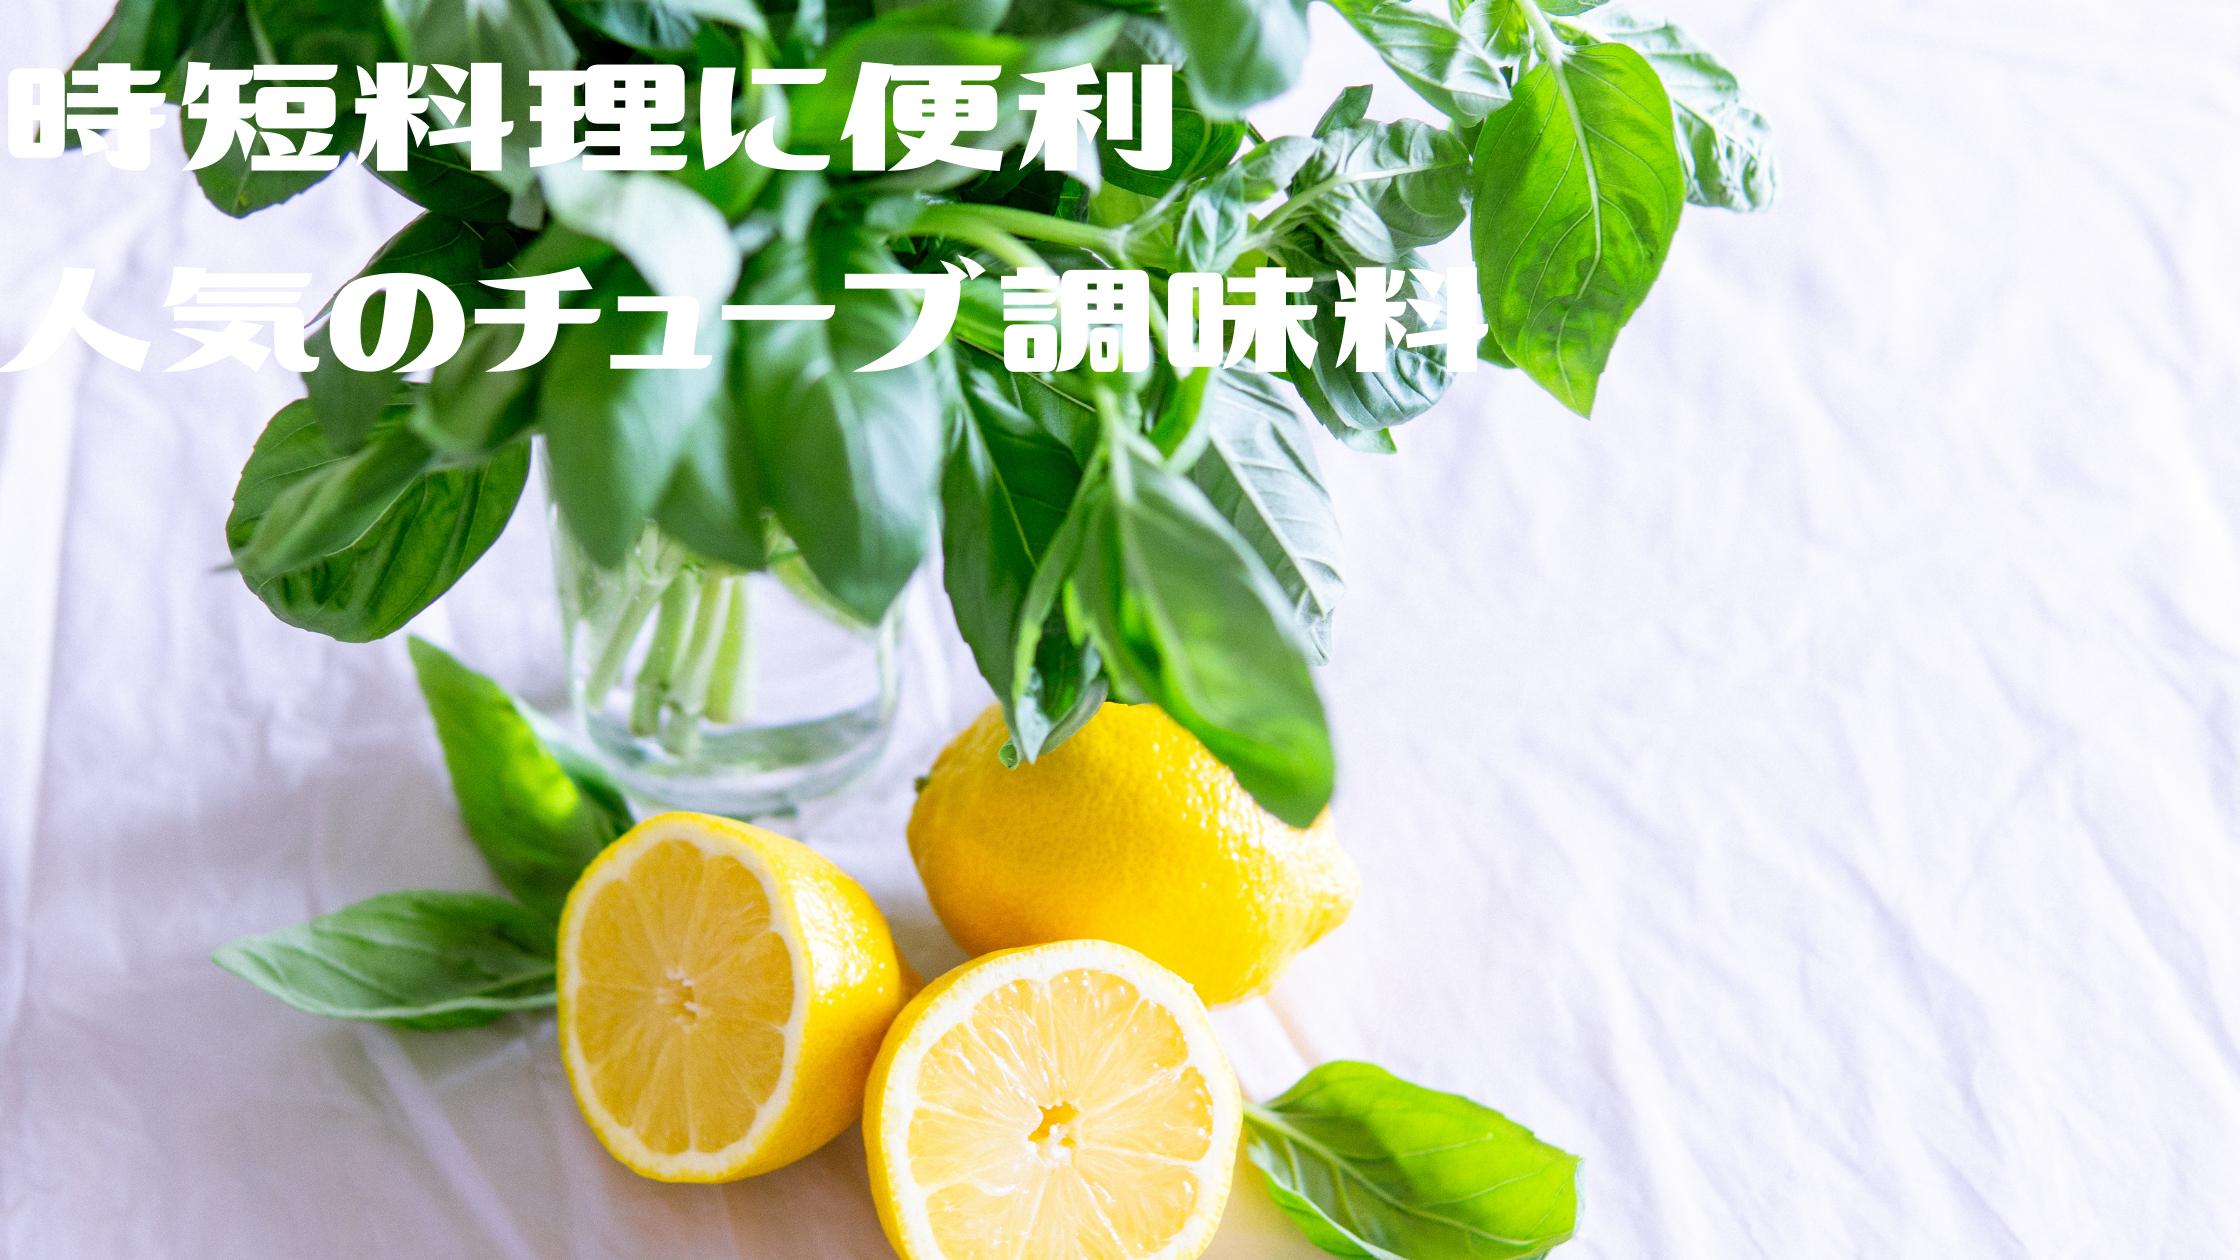 【チューブ調味料】で時短料理!新鮮バジル&レモン風味【大人気チューブぬか漬け】